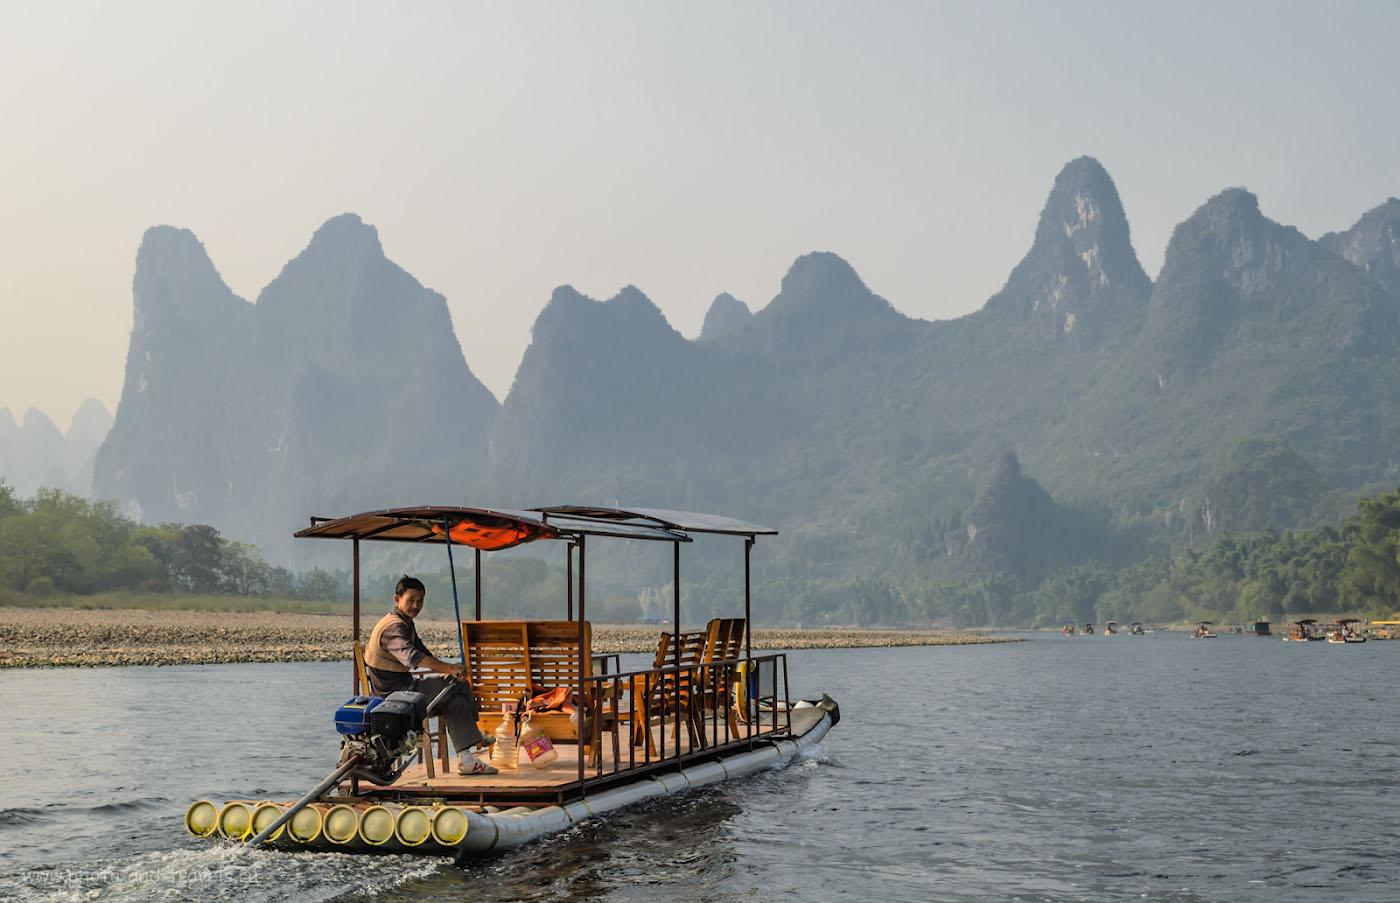 Фото 16. Отдых в Китае. Поездка из города Гуйлинь в Яншо (Yangshuo). Бамбуковый плот на реке Lijiang river (Лицзян). 1/125, 11.0, 110, 36.